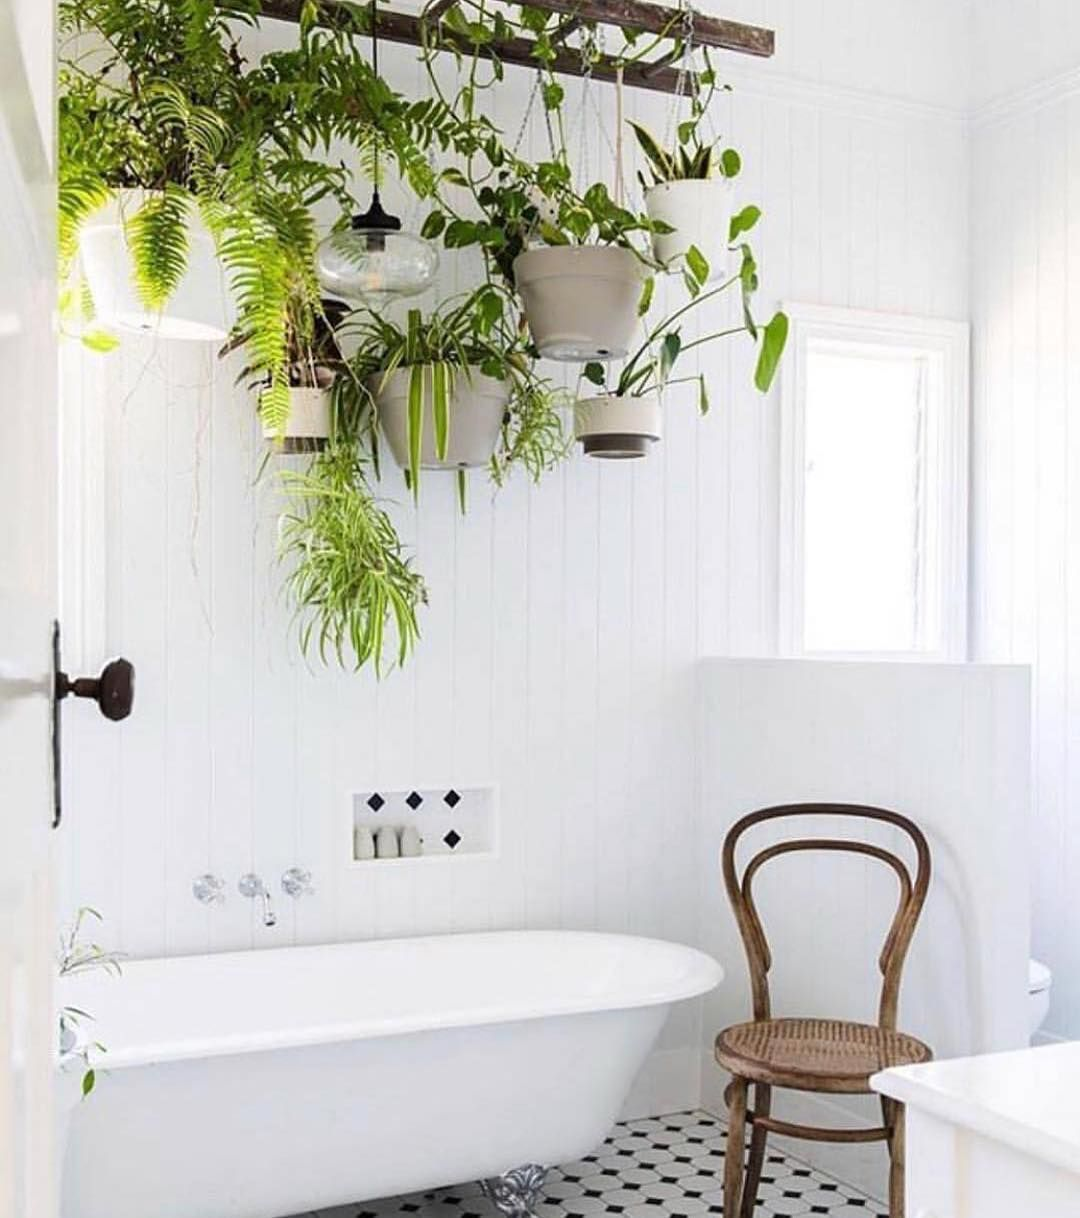 Kleines badezimmer dekor diy badezimmer aufpimpen mit diesen  tricks wird euer bad super